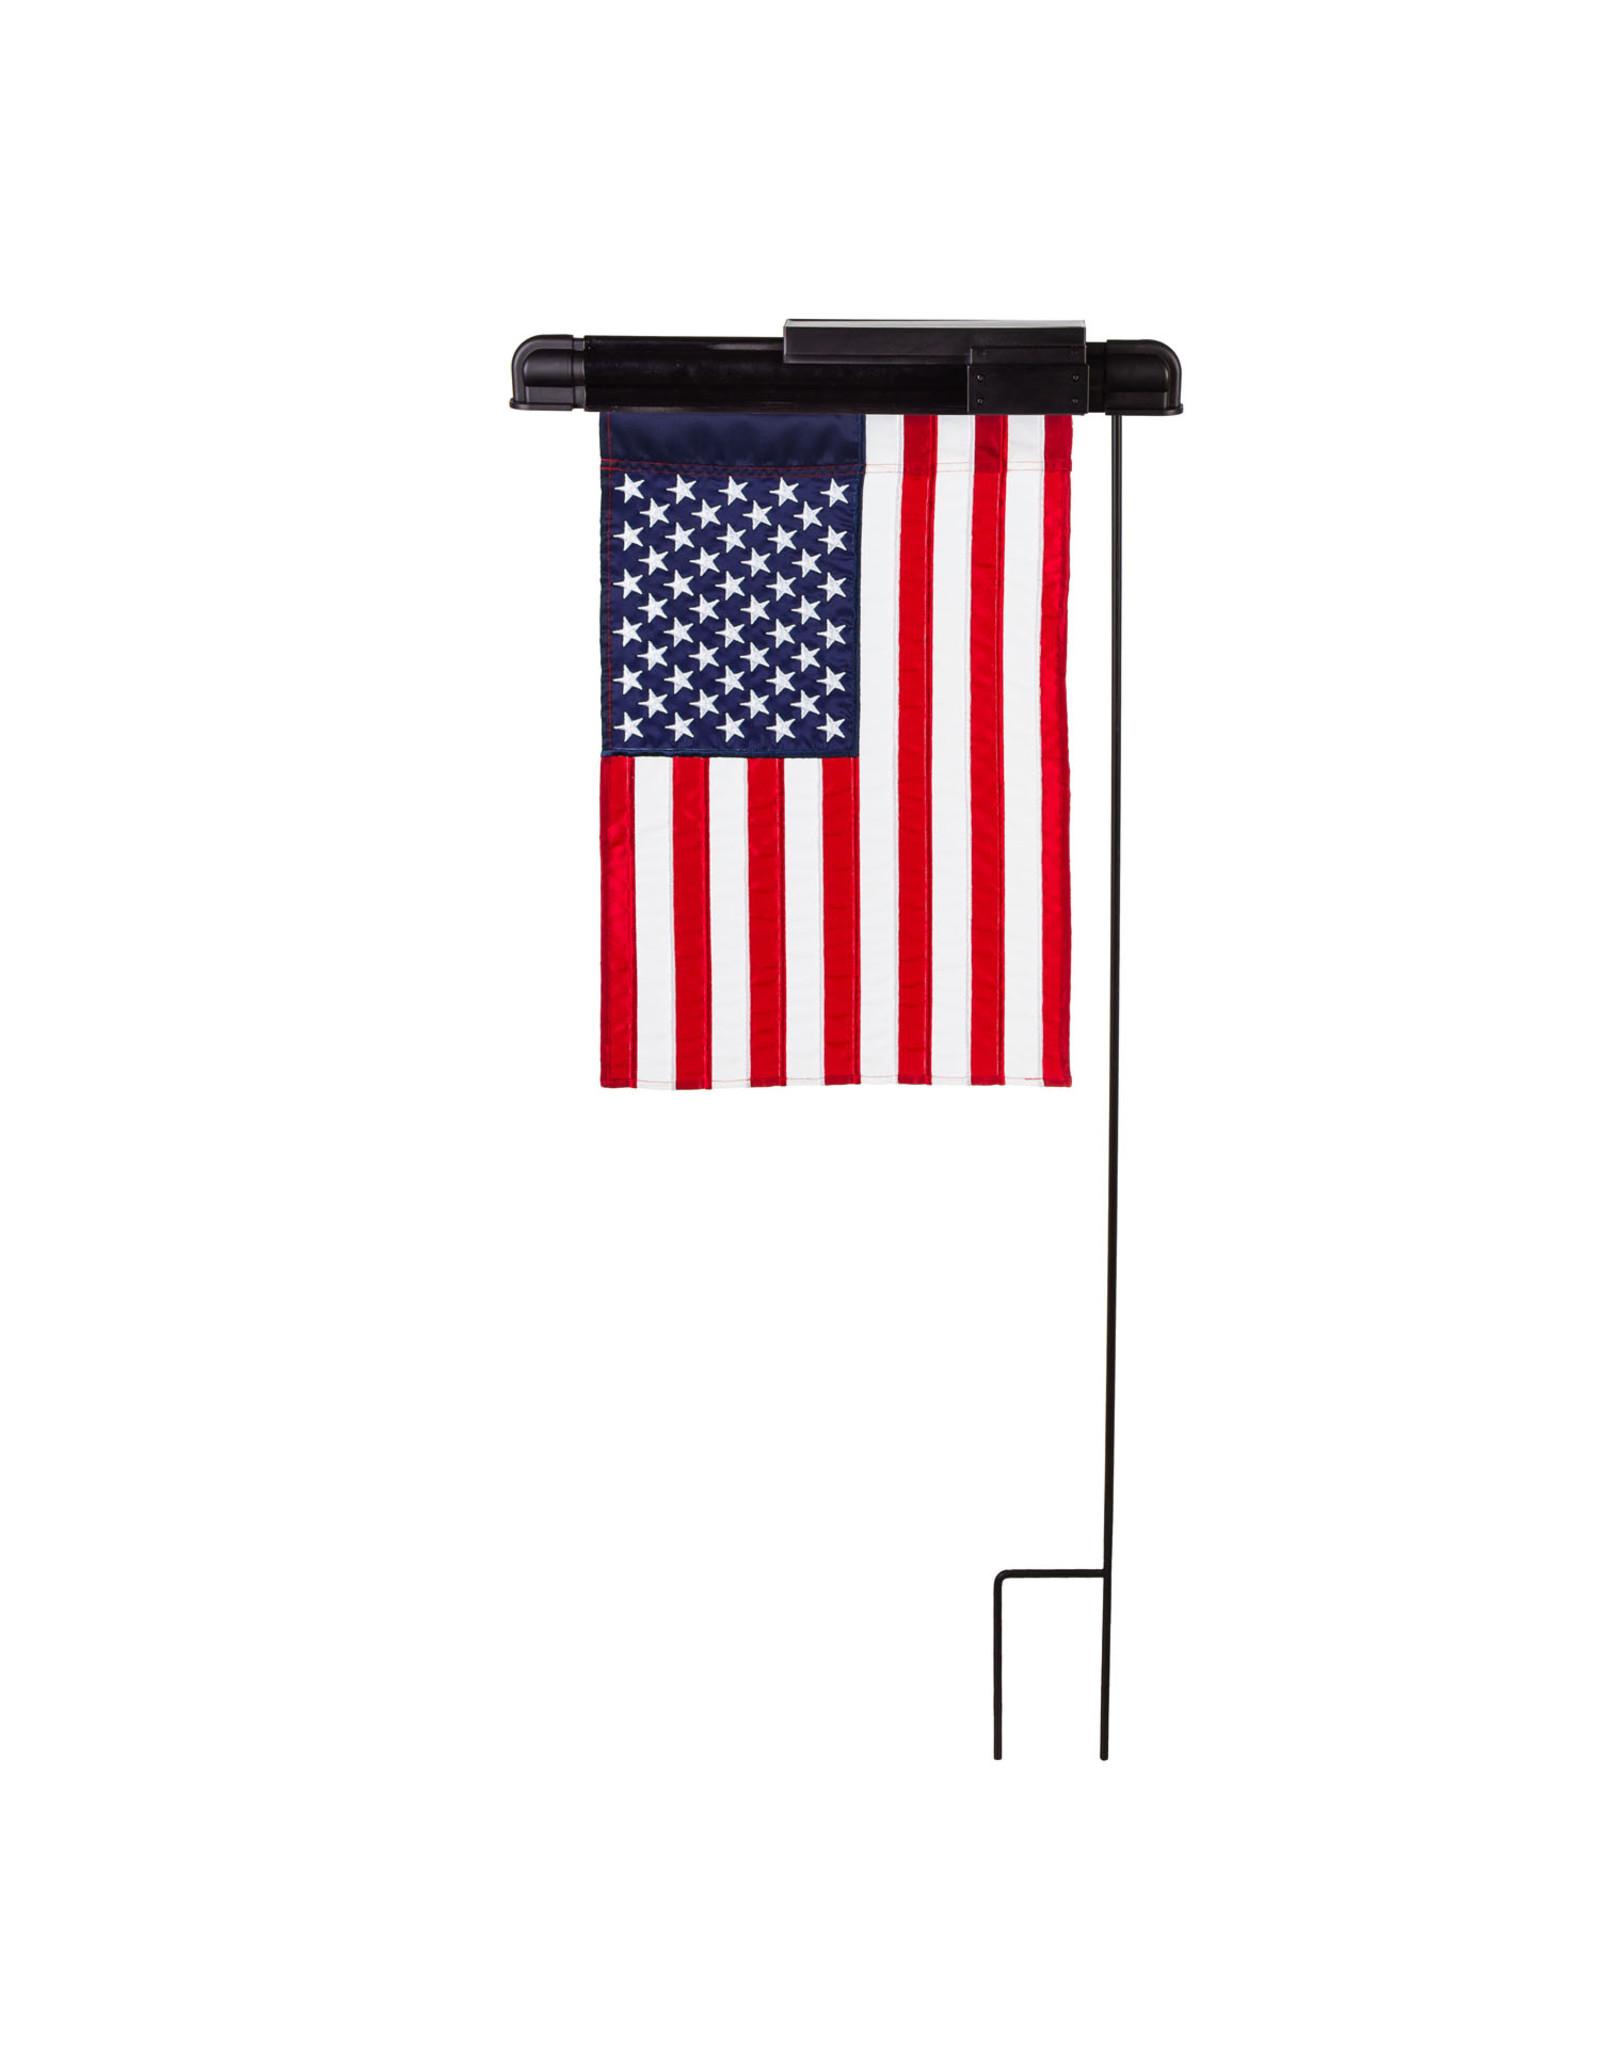 Evergreen Enterprises Solar Light for Garden Flag